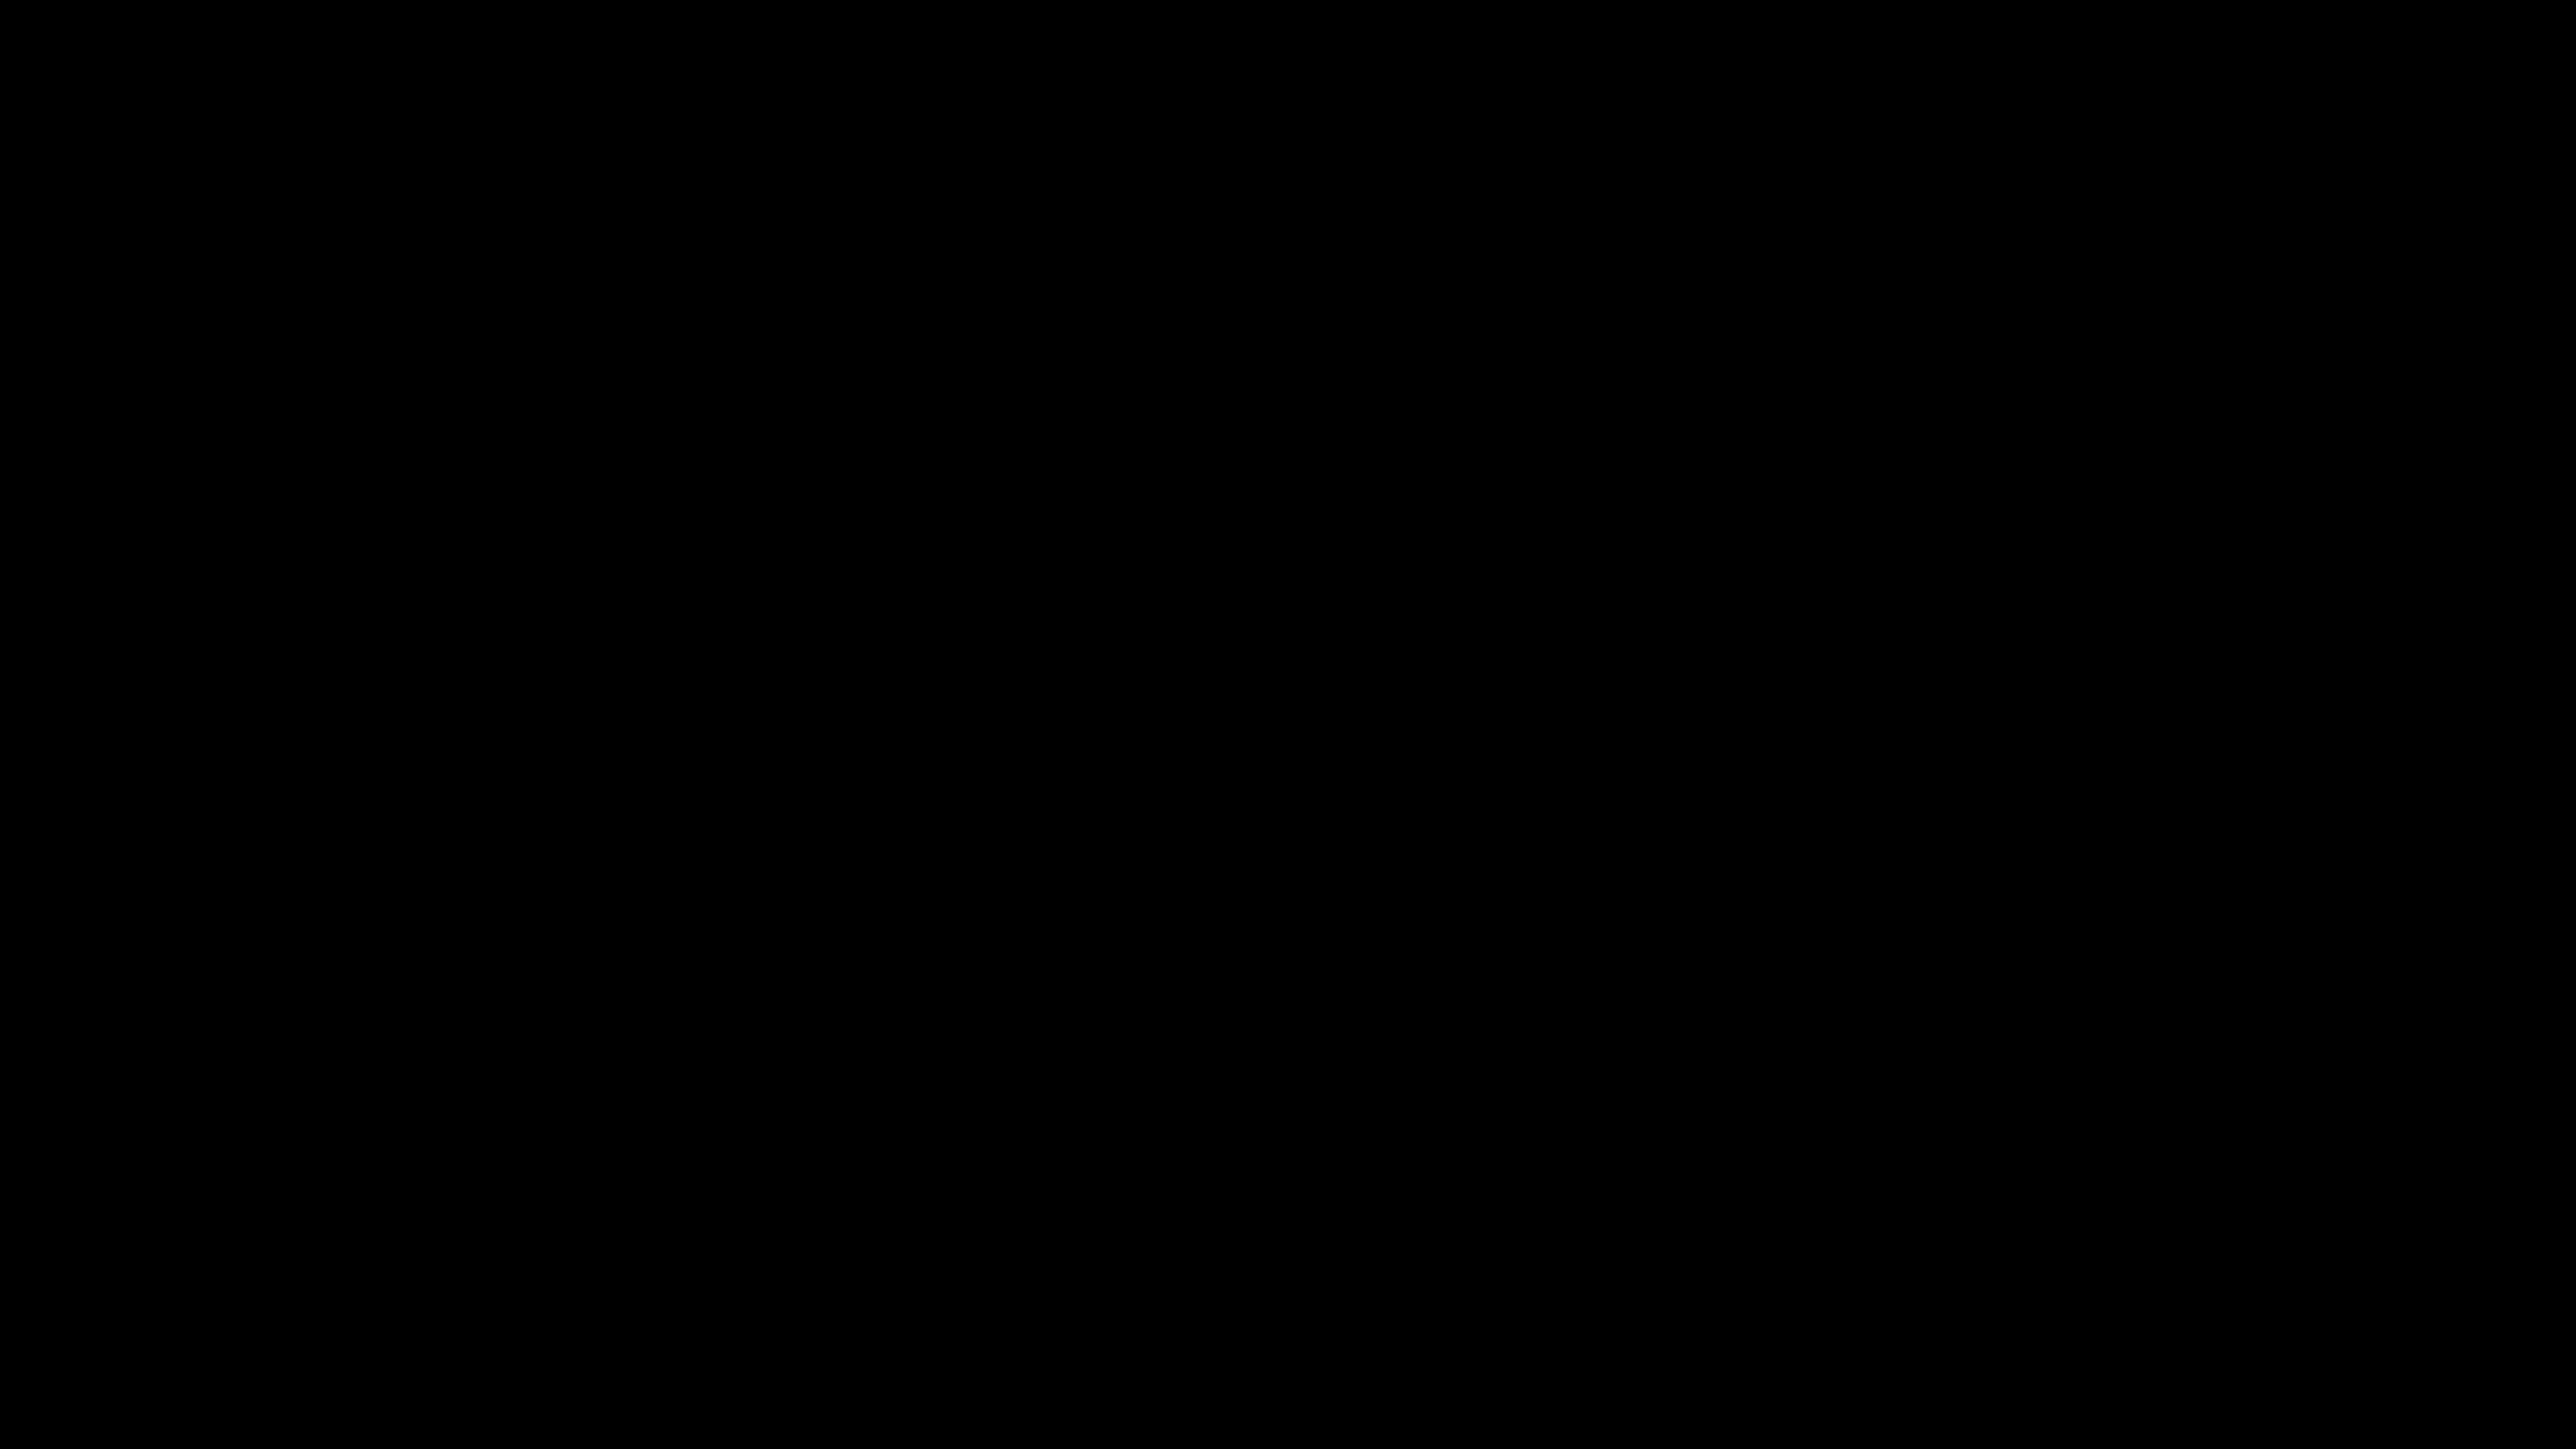 Inside Jack's hideout